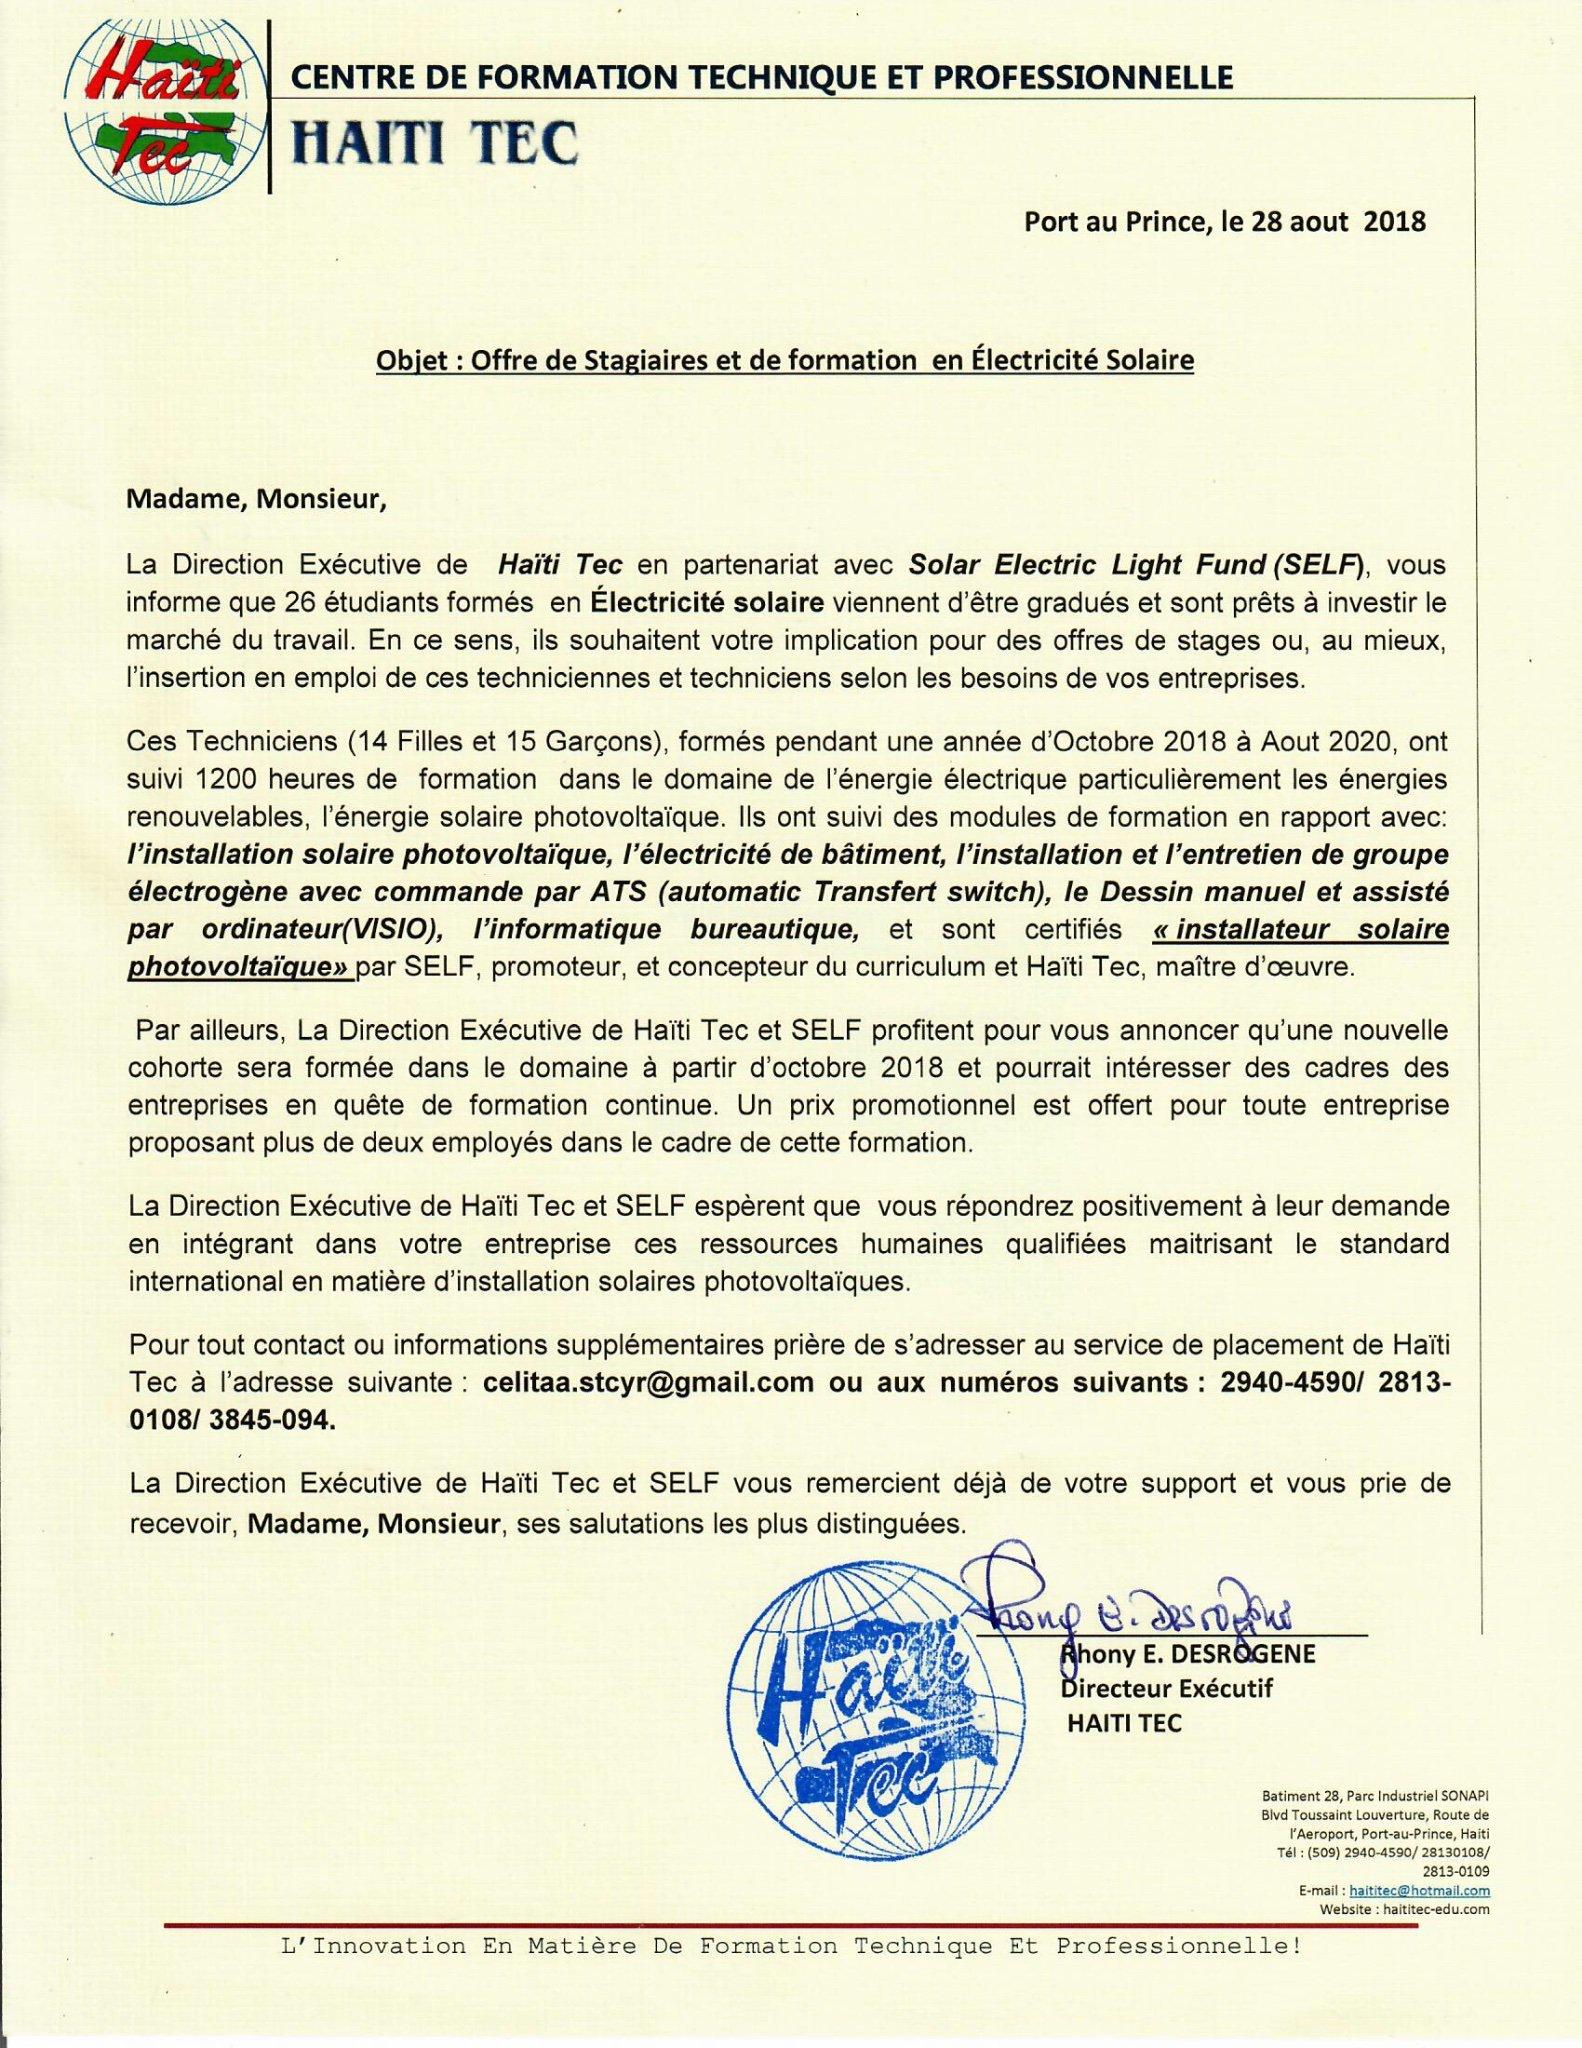 Adih On Twitter Haiti Tec Offre Des Stagiaires Et La